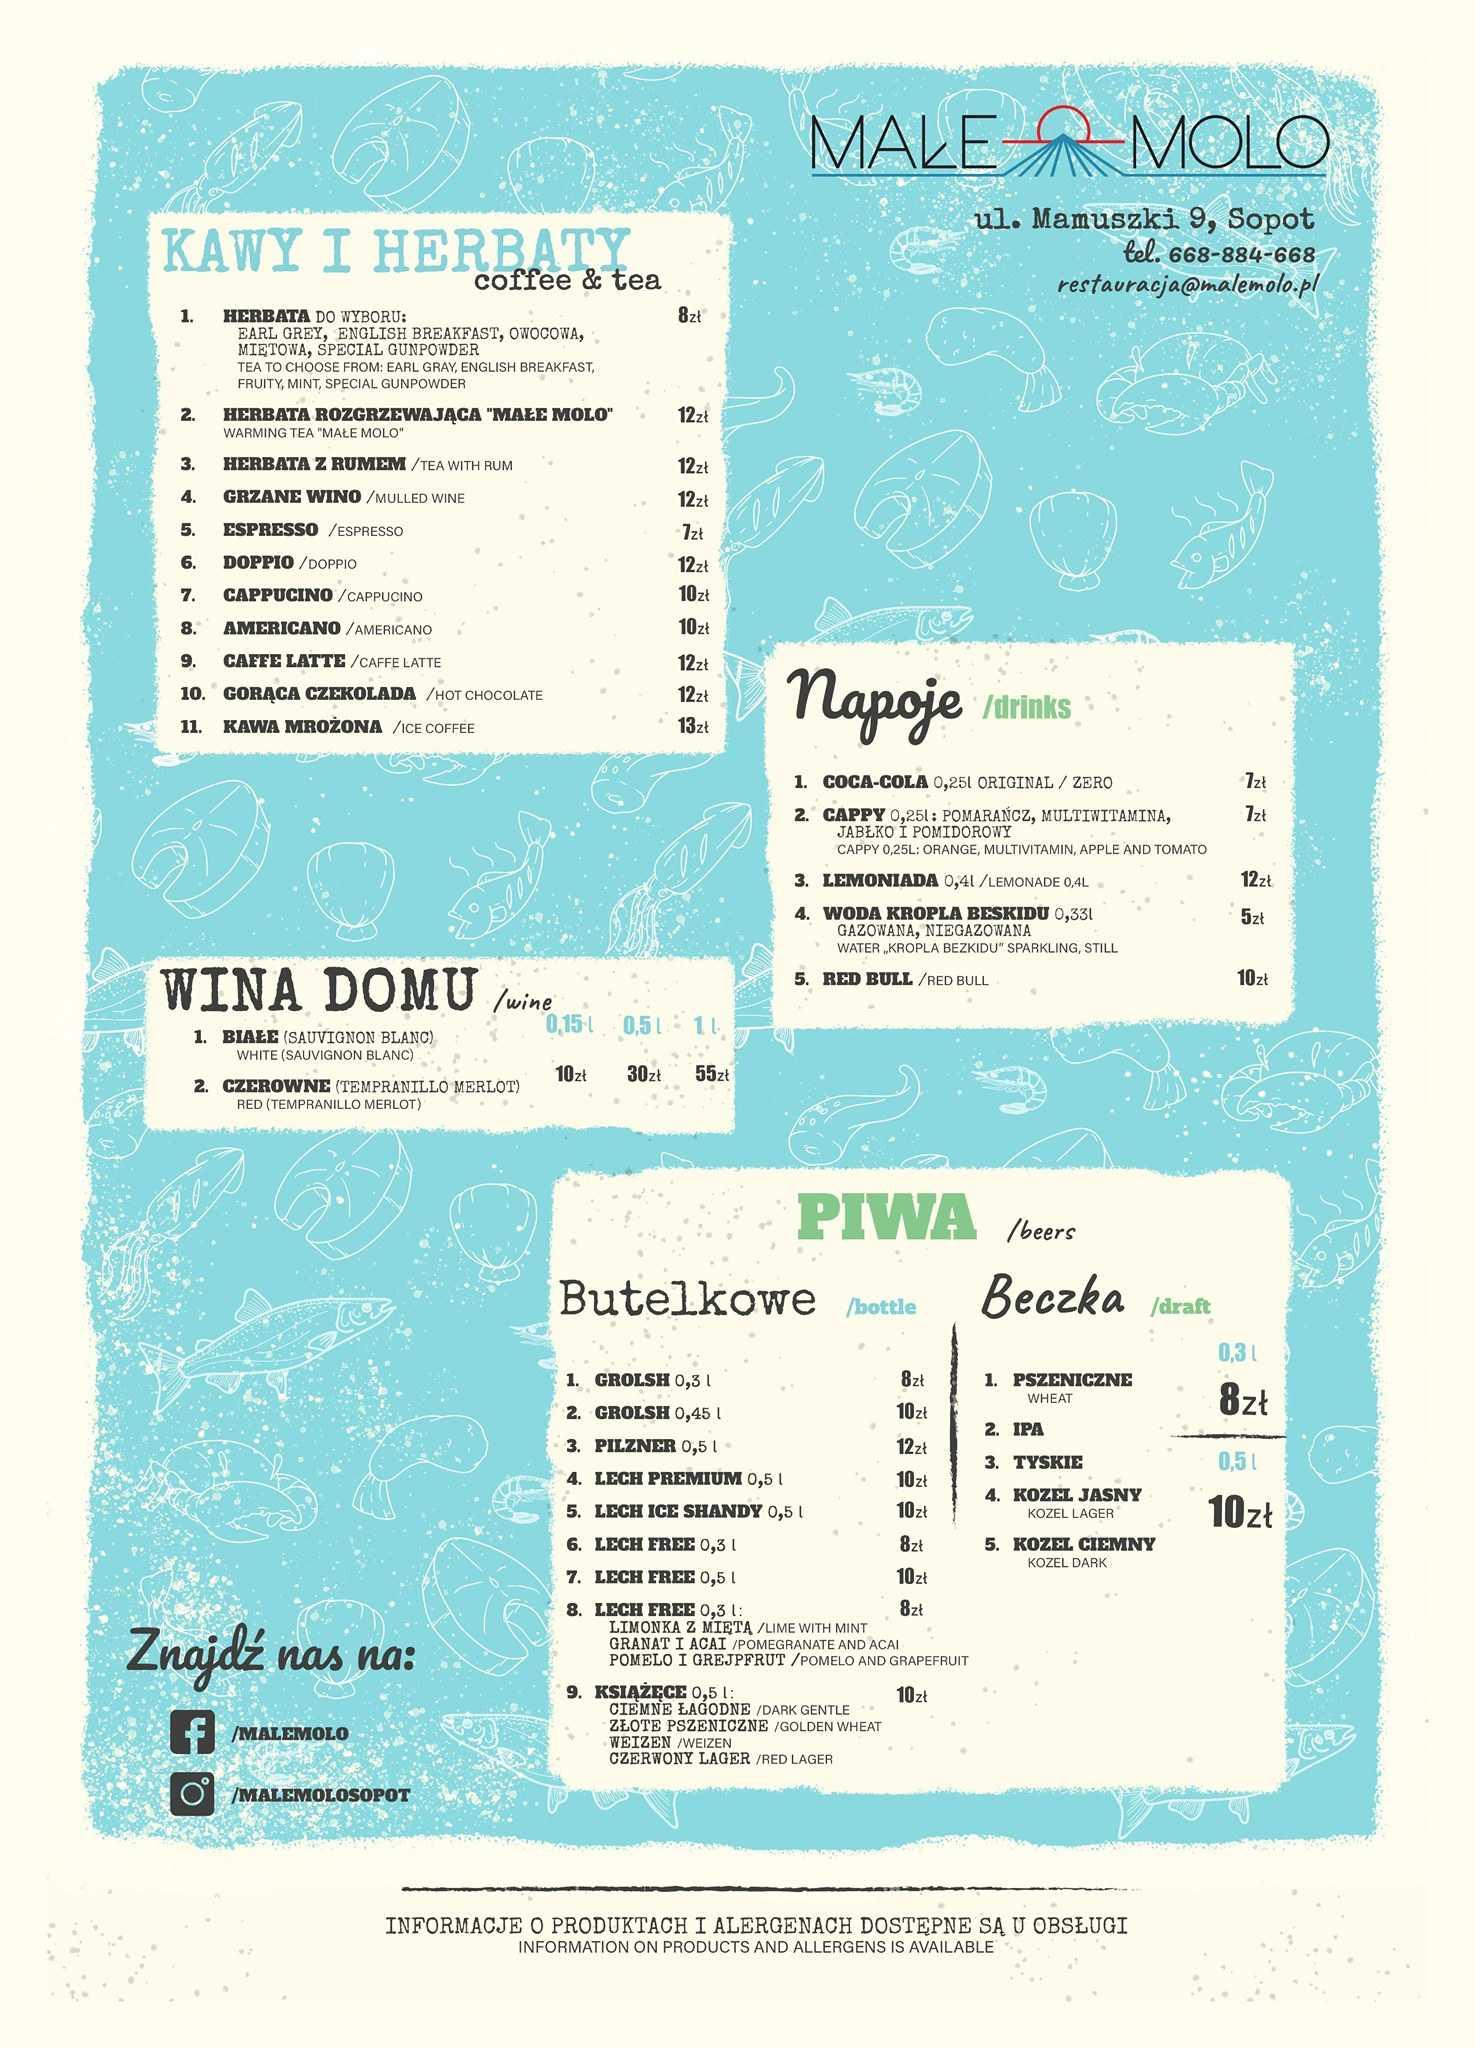 restauracja małe molo menu